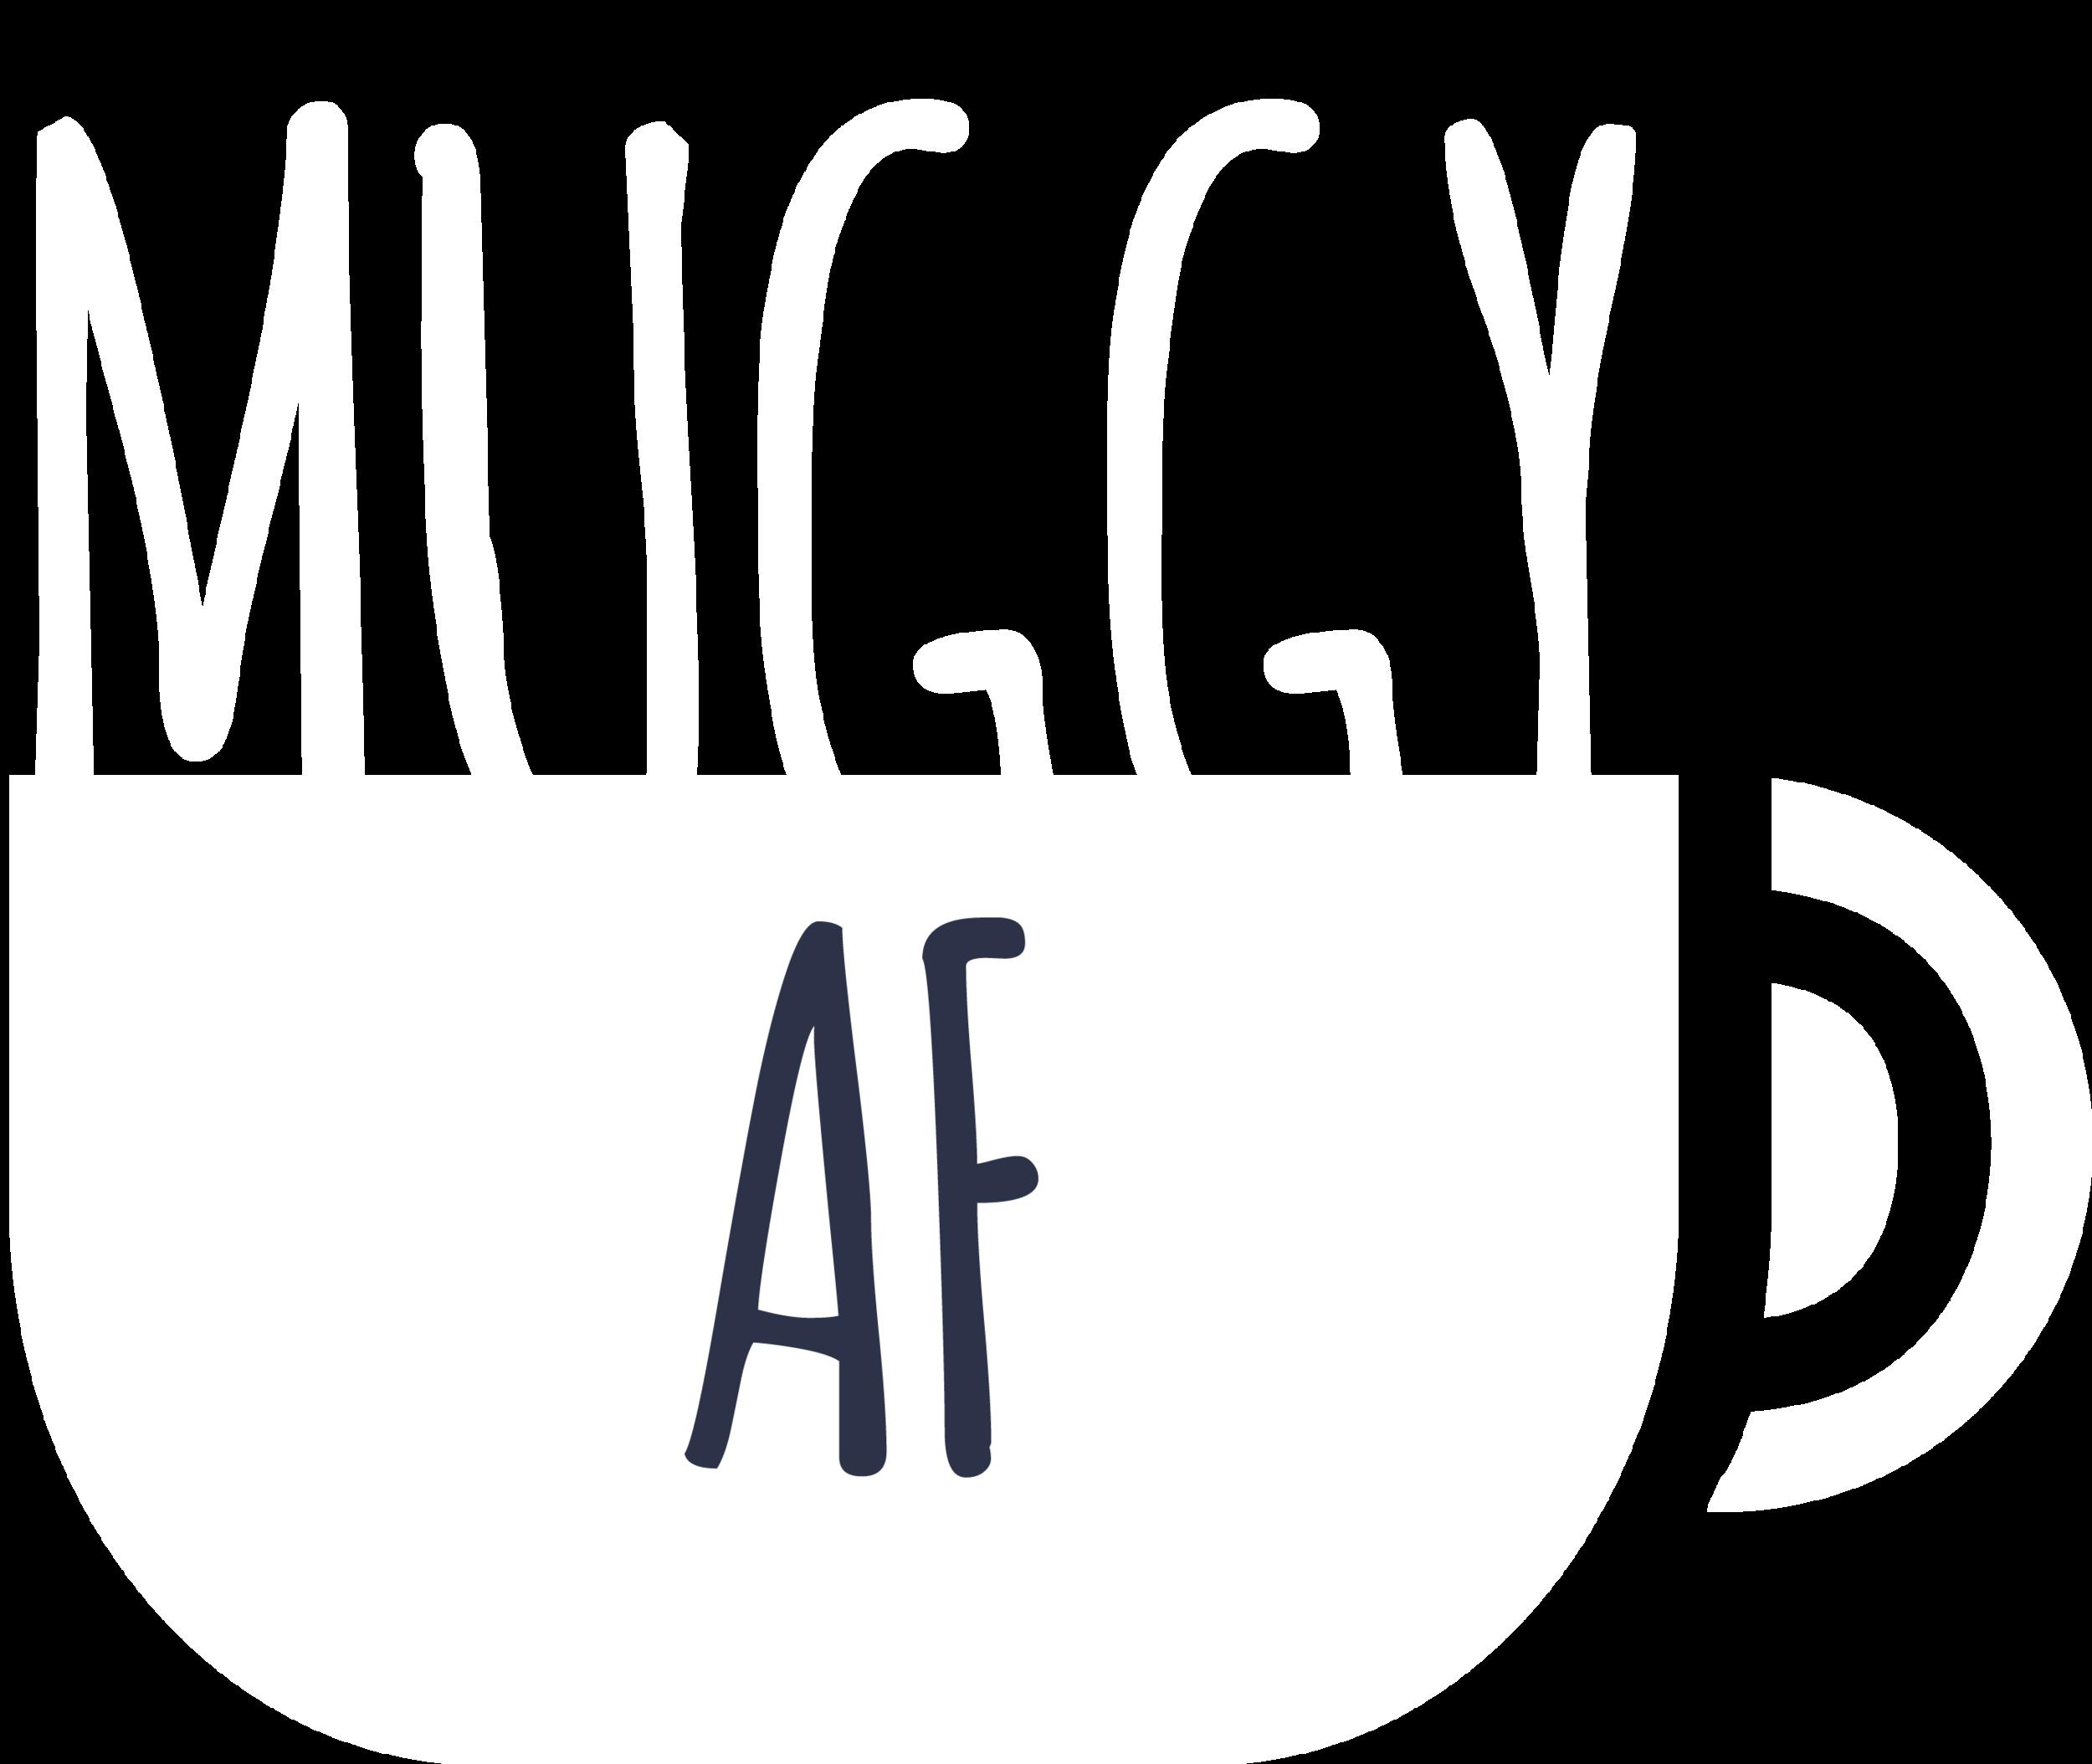 Asset 1Muggy AF - Amatic - Mug (white) 500ppi.png